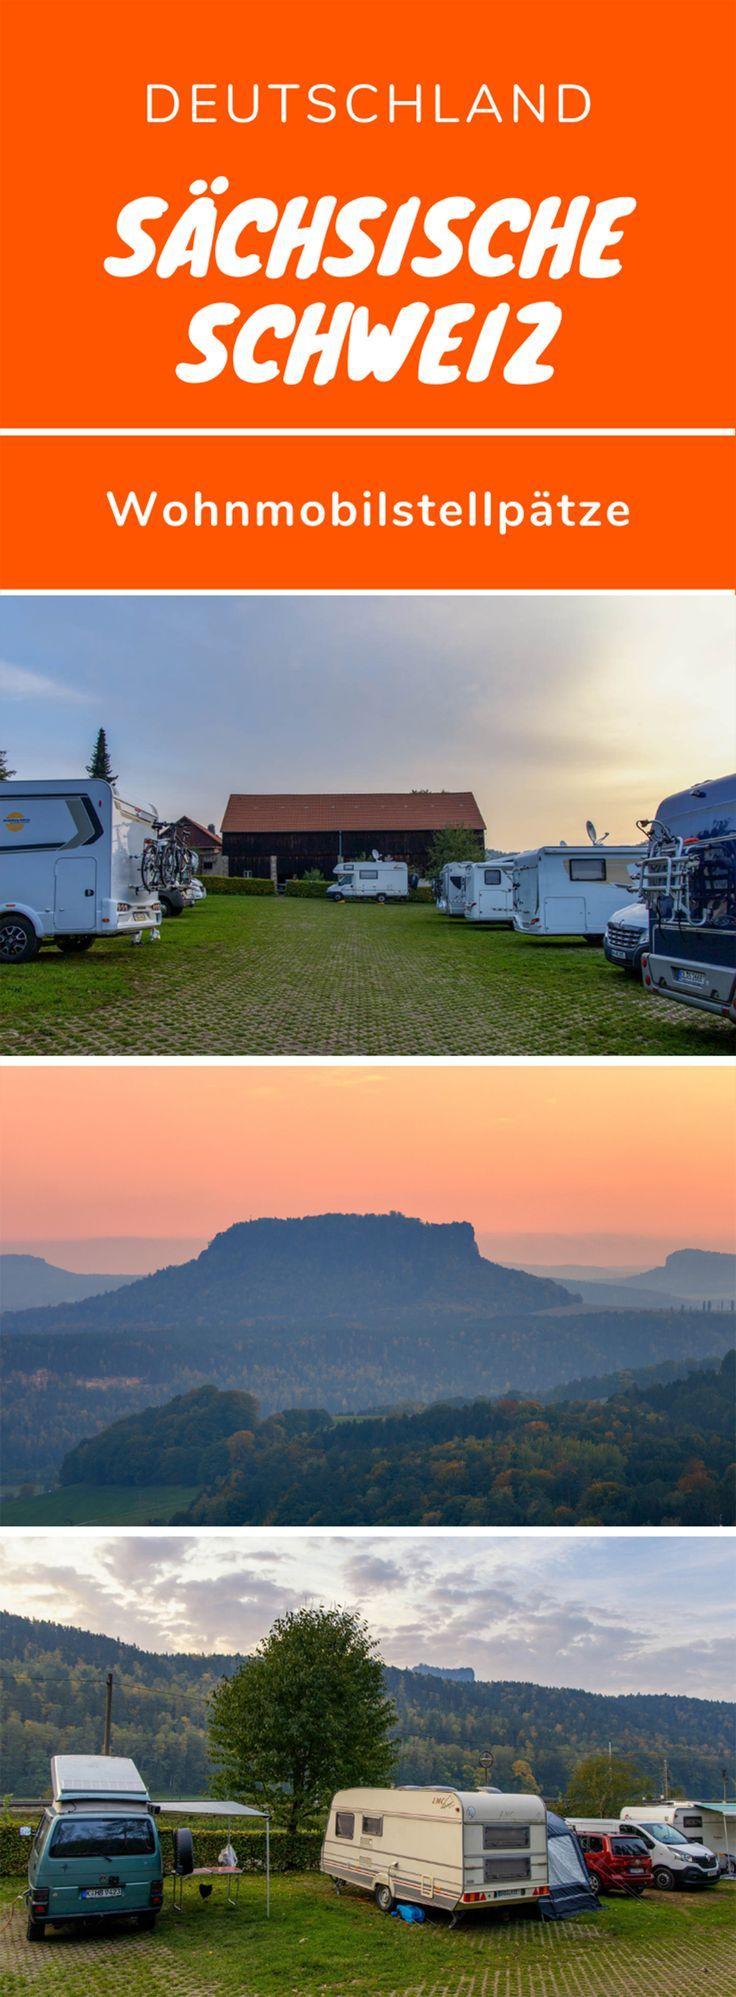 8+ Deutschland Camping / Wohnmobil-Ideen in 8  campingurlaub